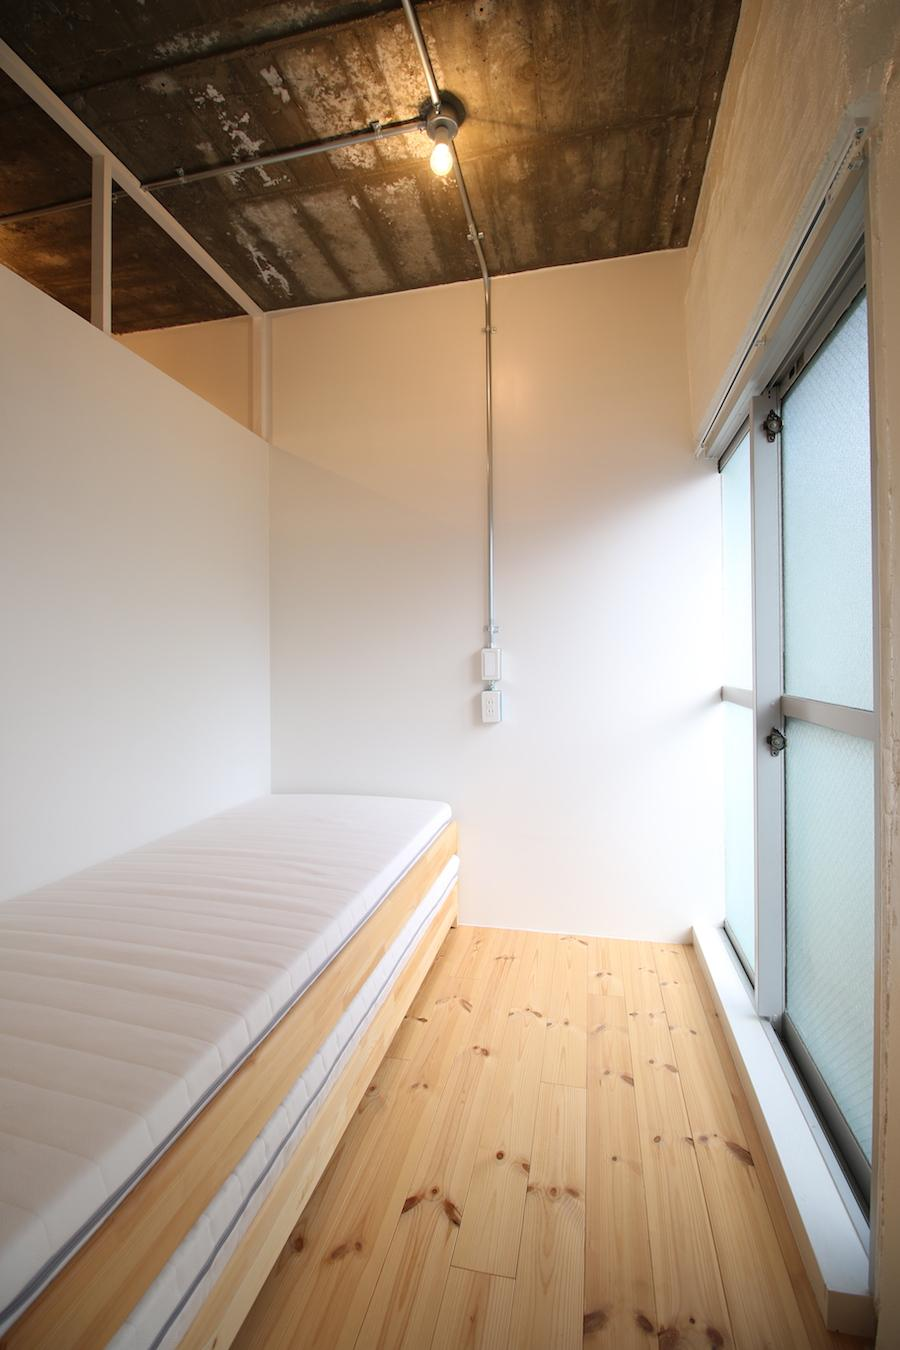 写真のベッドはシングルよりもやや幅が狭いタイプのもの。ダブルもぎりぎり収まる広さ